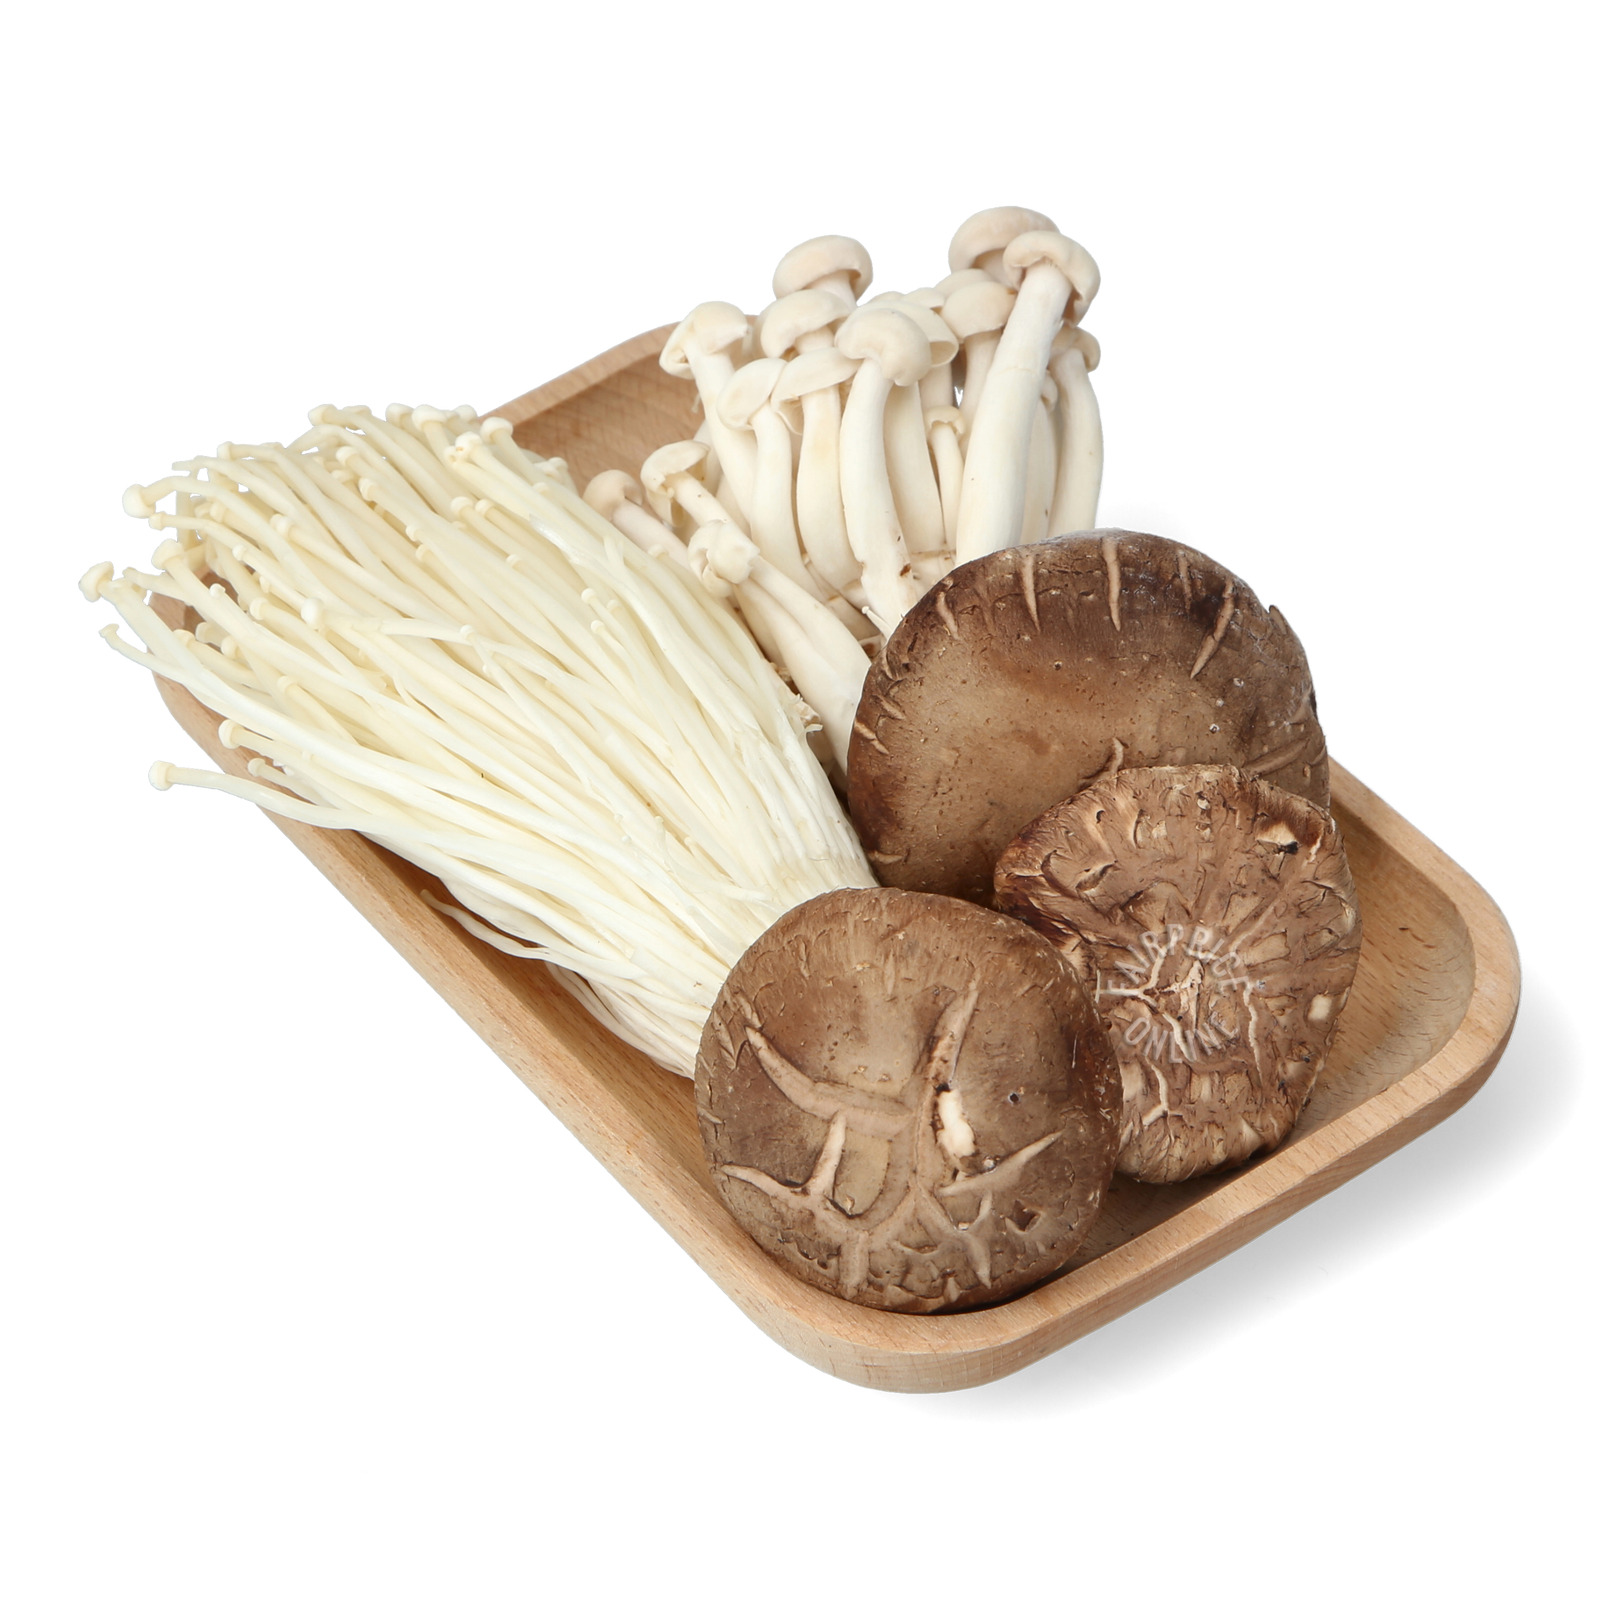 Gourmet 3 in 1 Mixed Mushroom